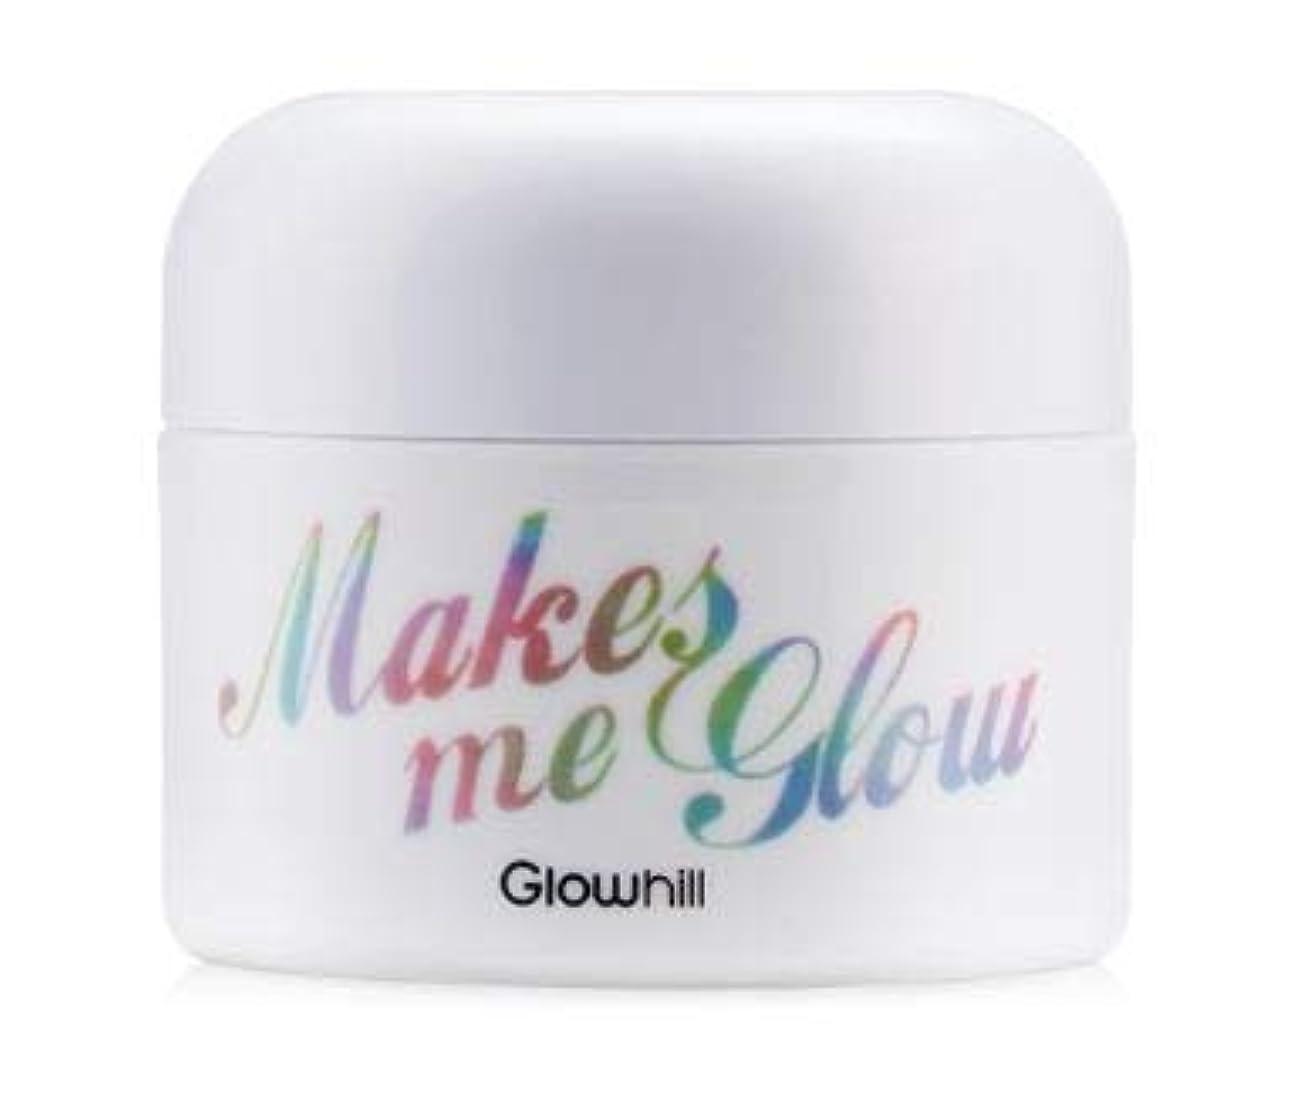 以降見かけ上祖父母を訪問[Glowhill] Aurora Whitehole Glow Mask / [グローヒル] オーロラホワイトホールグローマスク [並行輸入品]